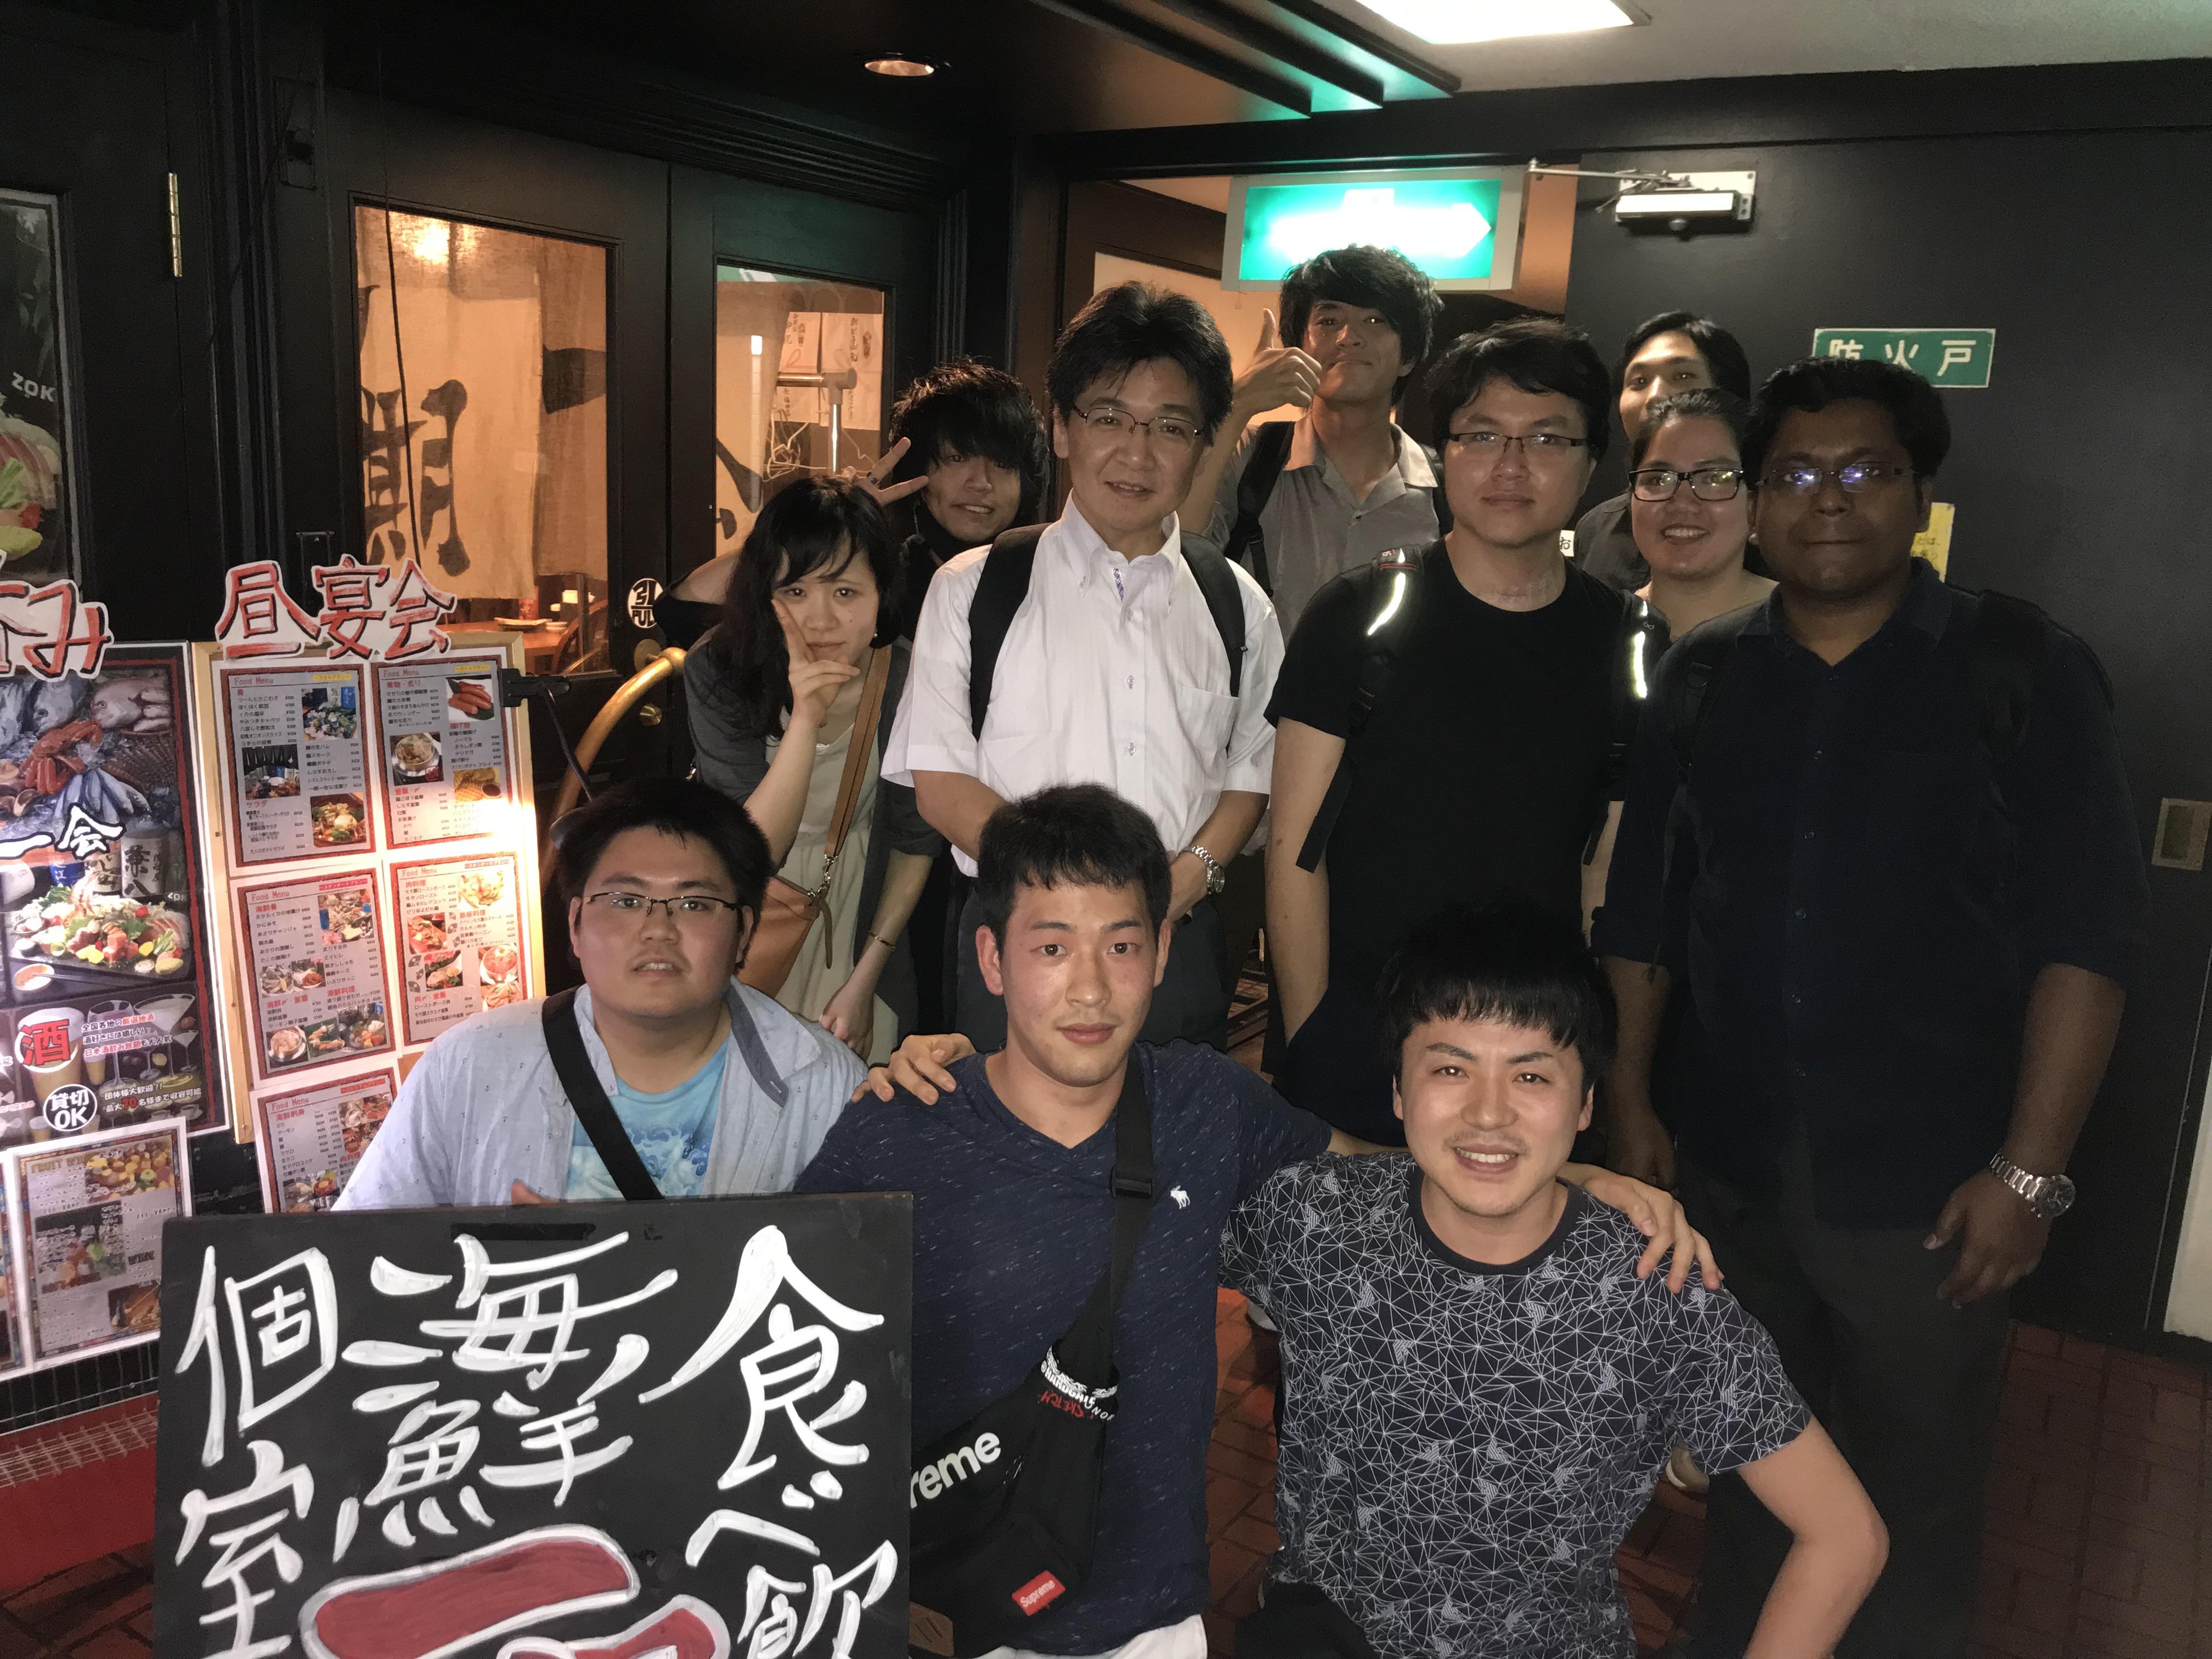 若林_002 (23)